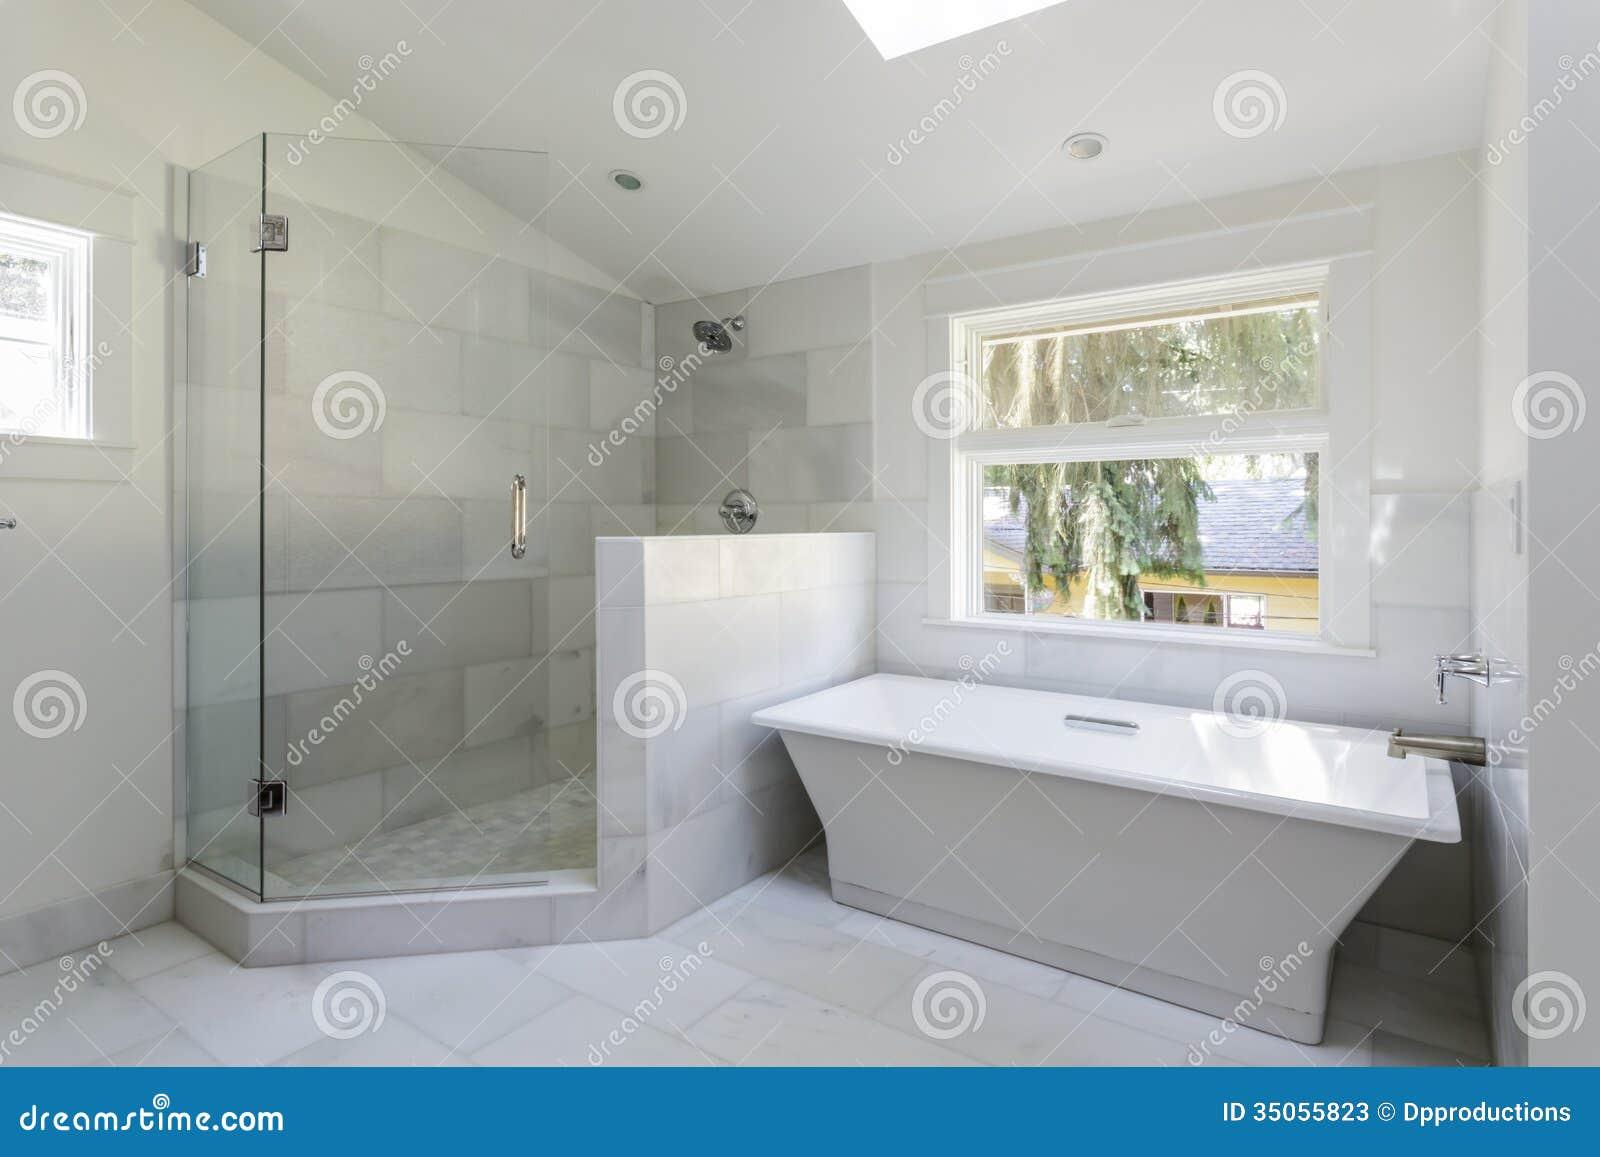 Salle de bains moderne avec la douche et la baignoire for Des salles de bain modernes